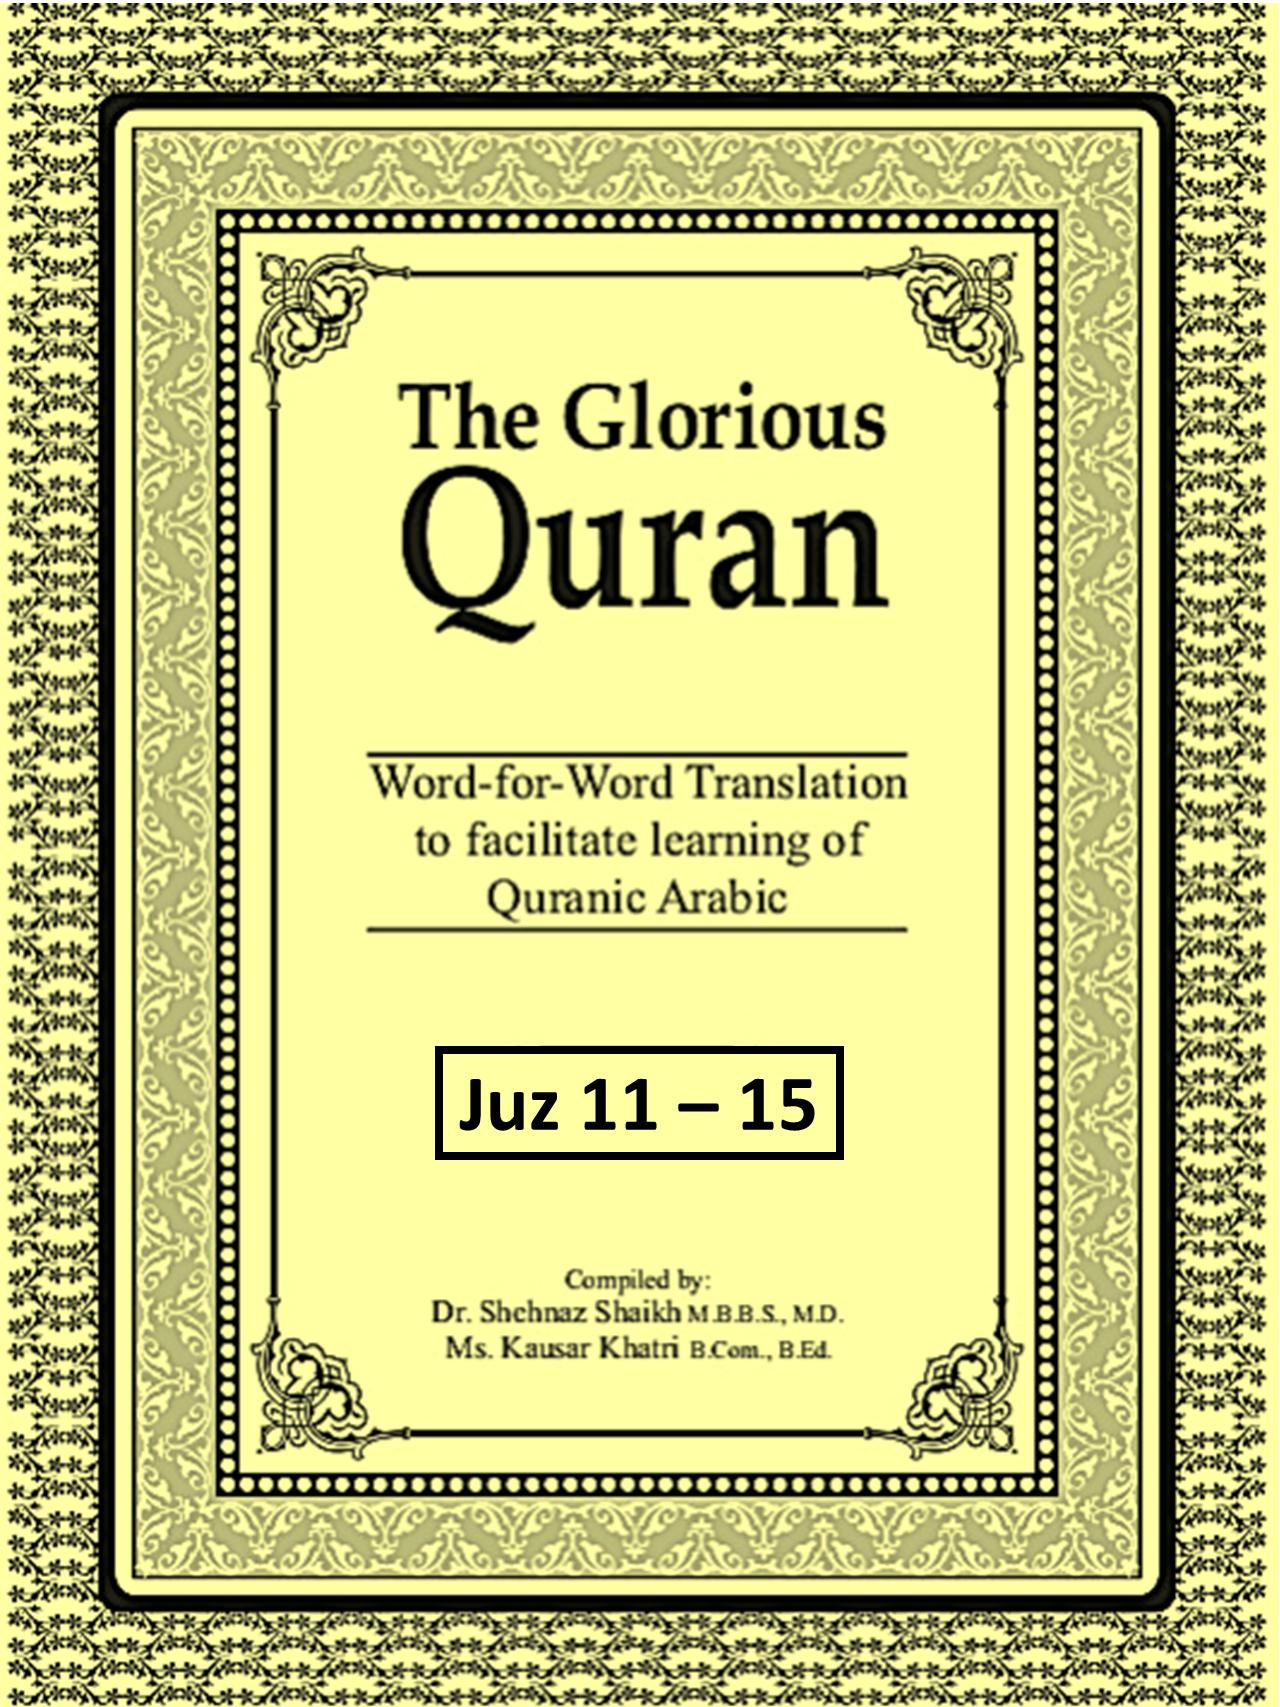 The Glorious Quran Vol 1 (Juz 11-15)